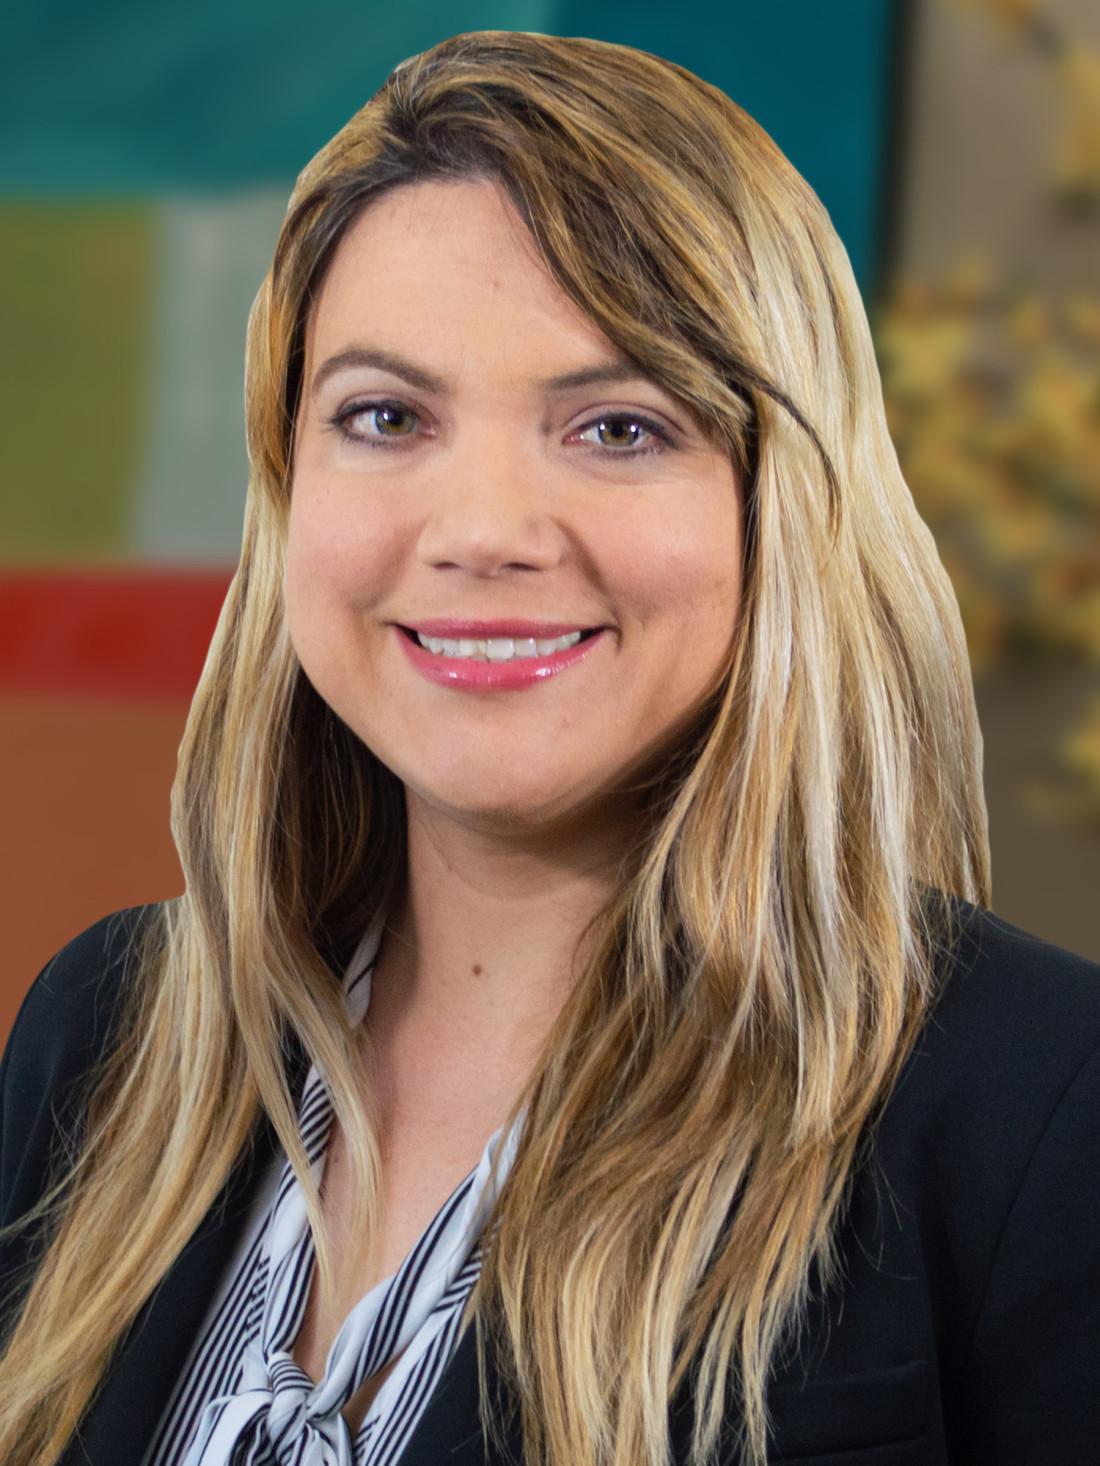 25ba78ca41b7 Karen A. Evans is an associate in the Tax